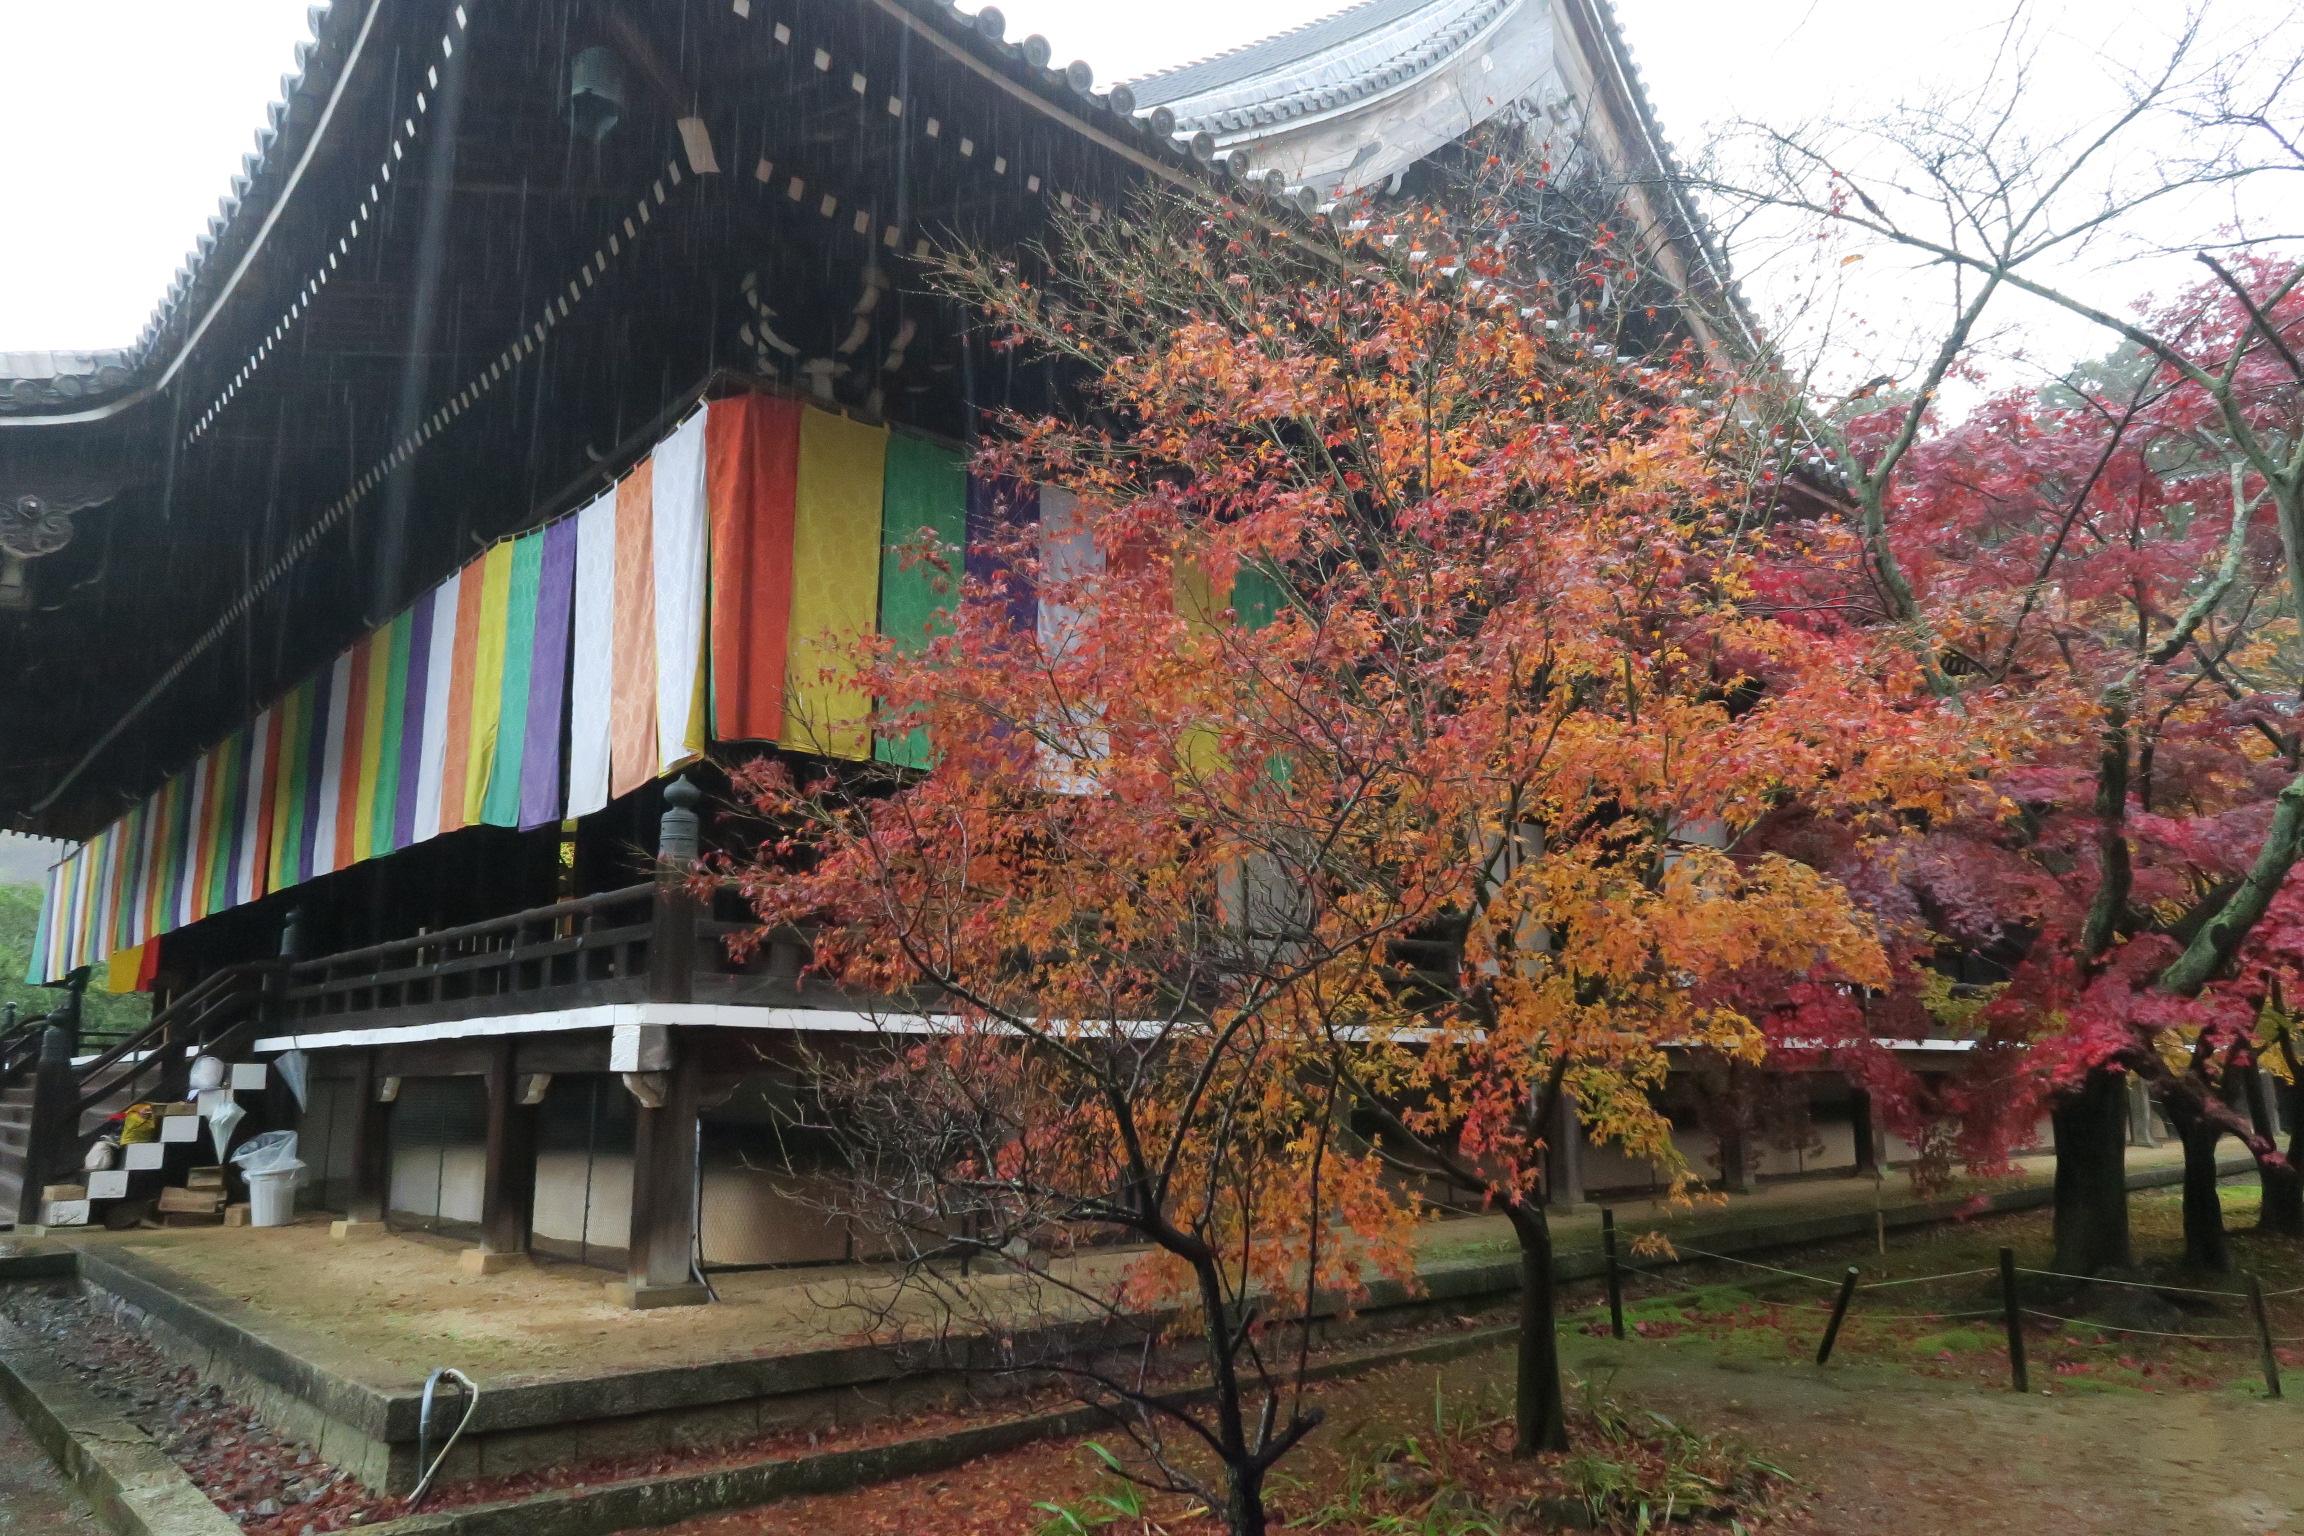 御影堂(みえどう)。寺院様式では本堂と呼ばれる建物に相当。